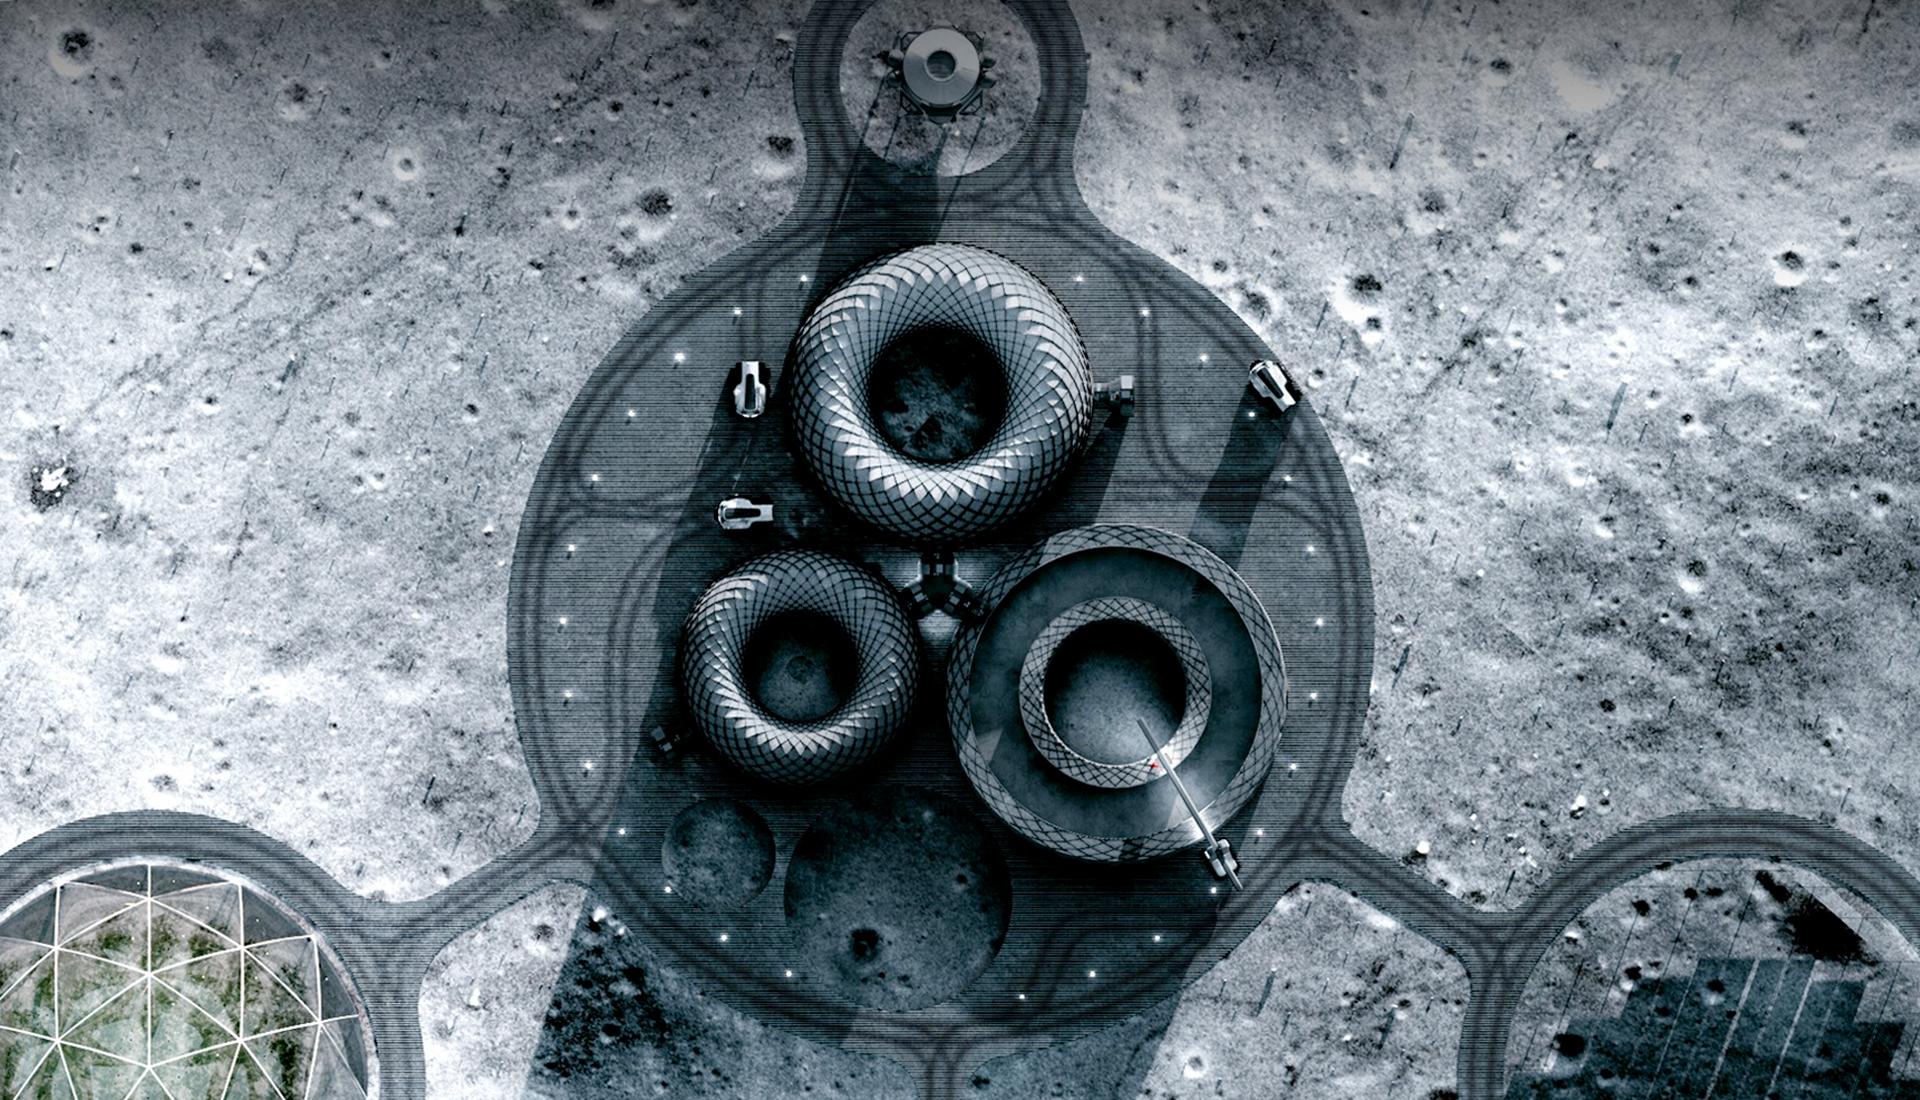 База на Луне фото